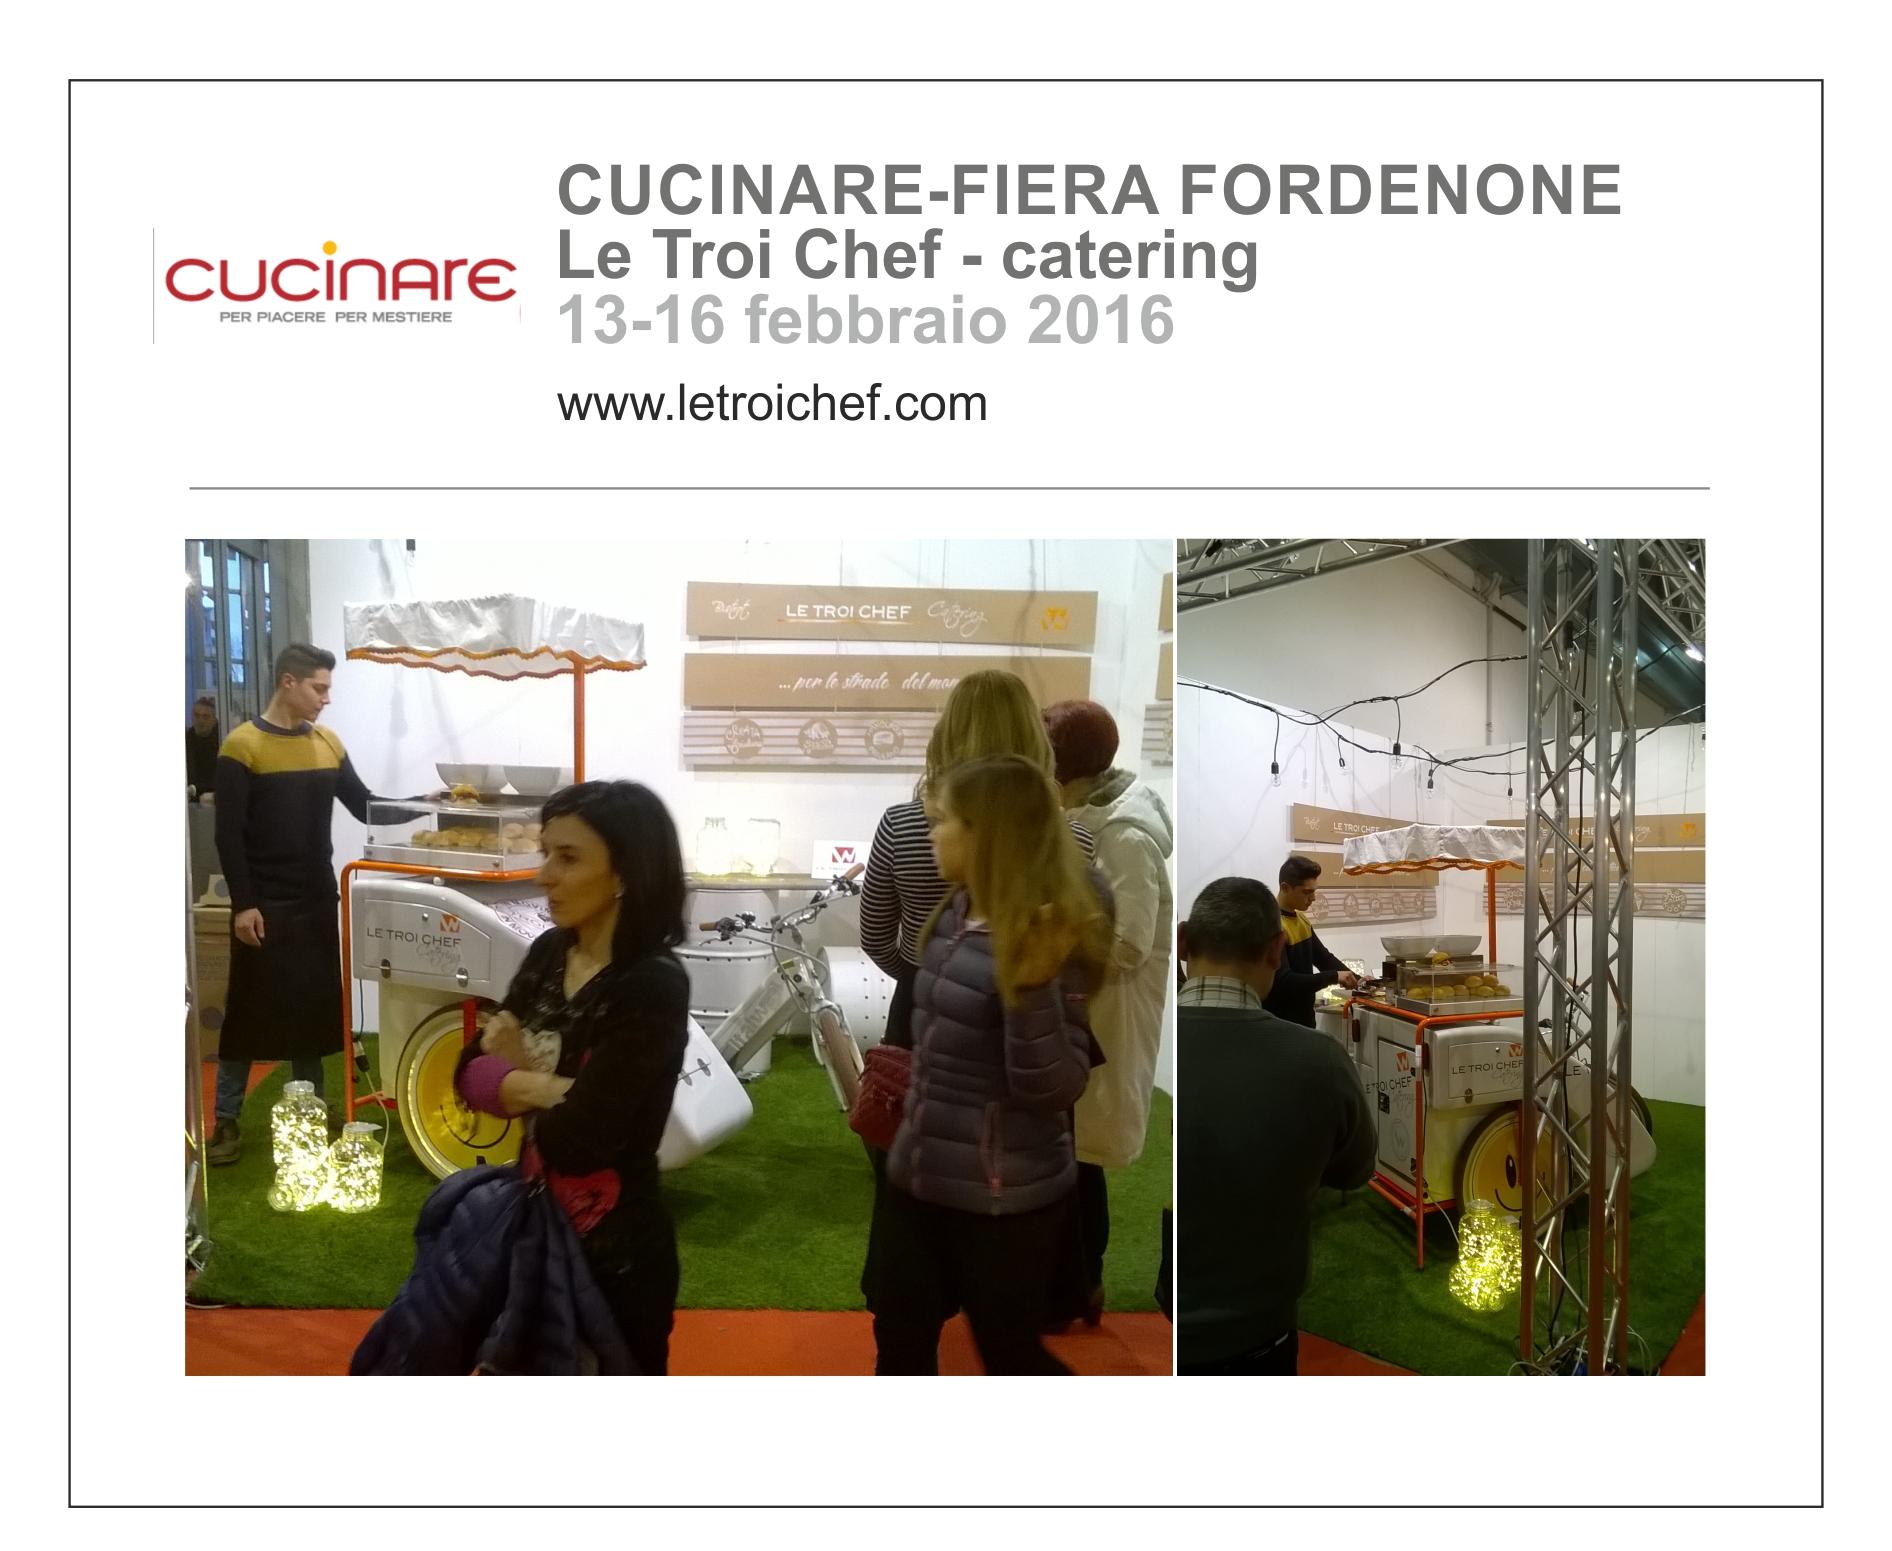 Cucinare - Le Troi Chef